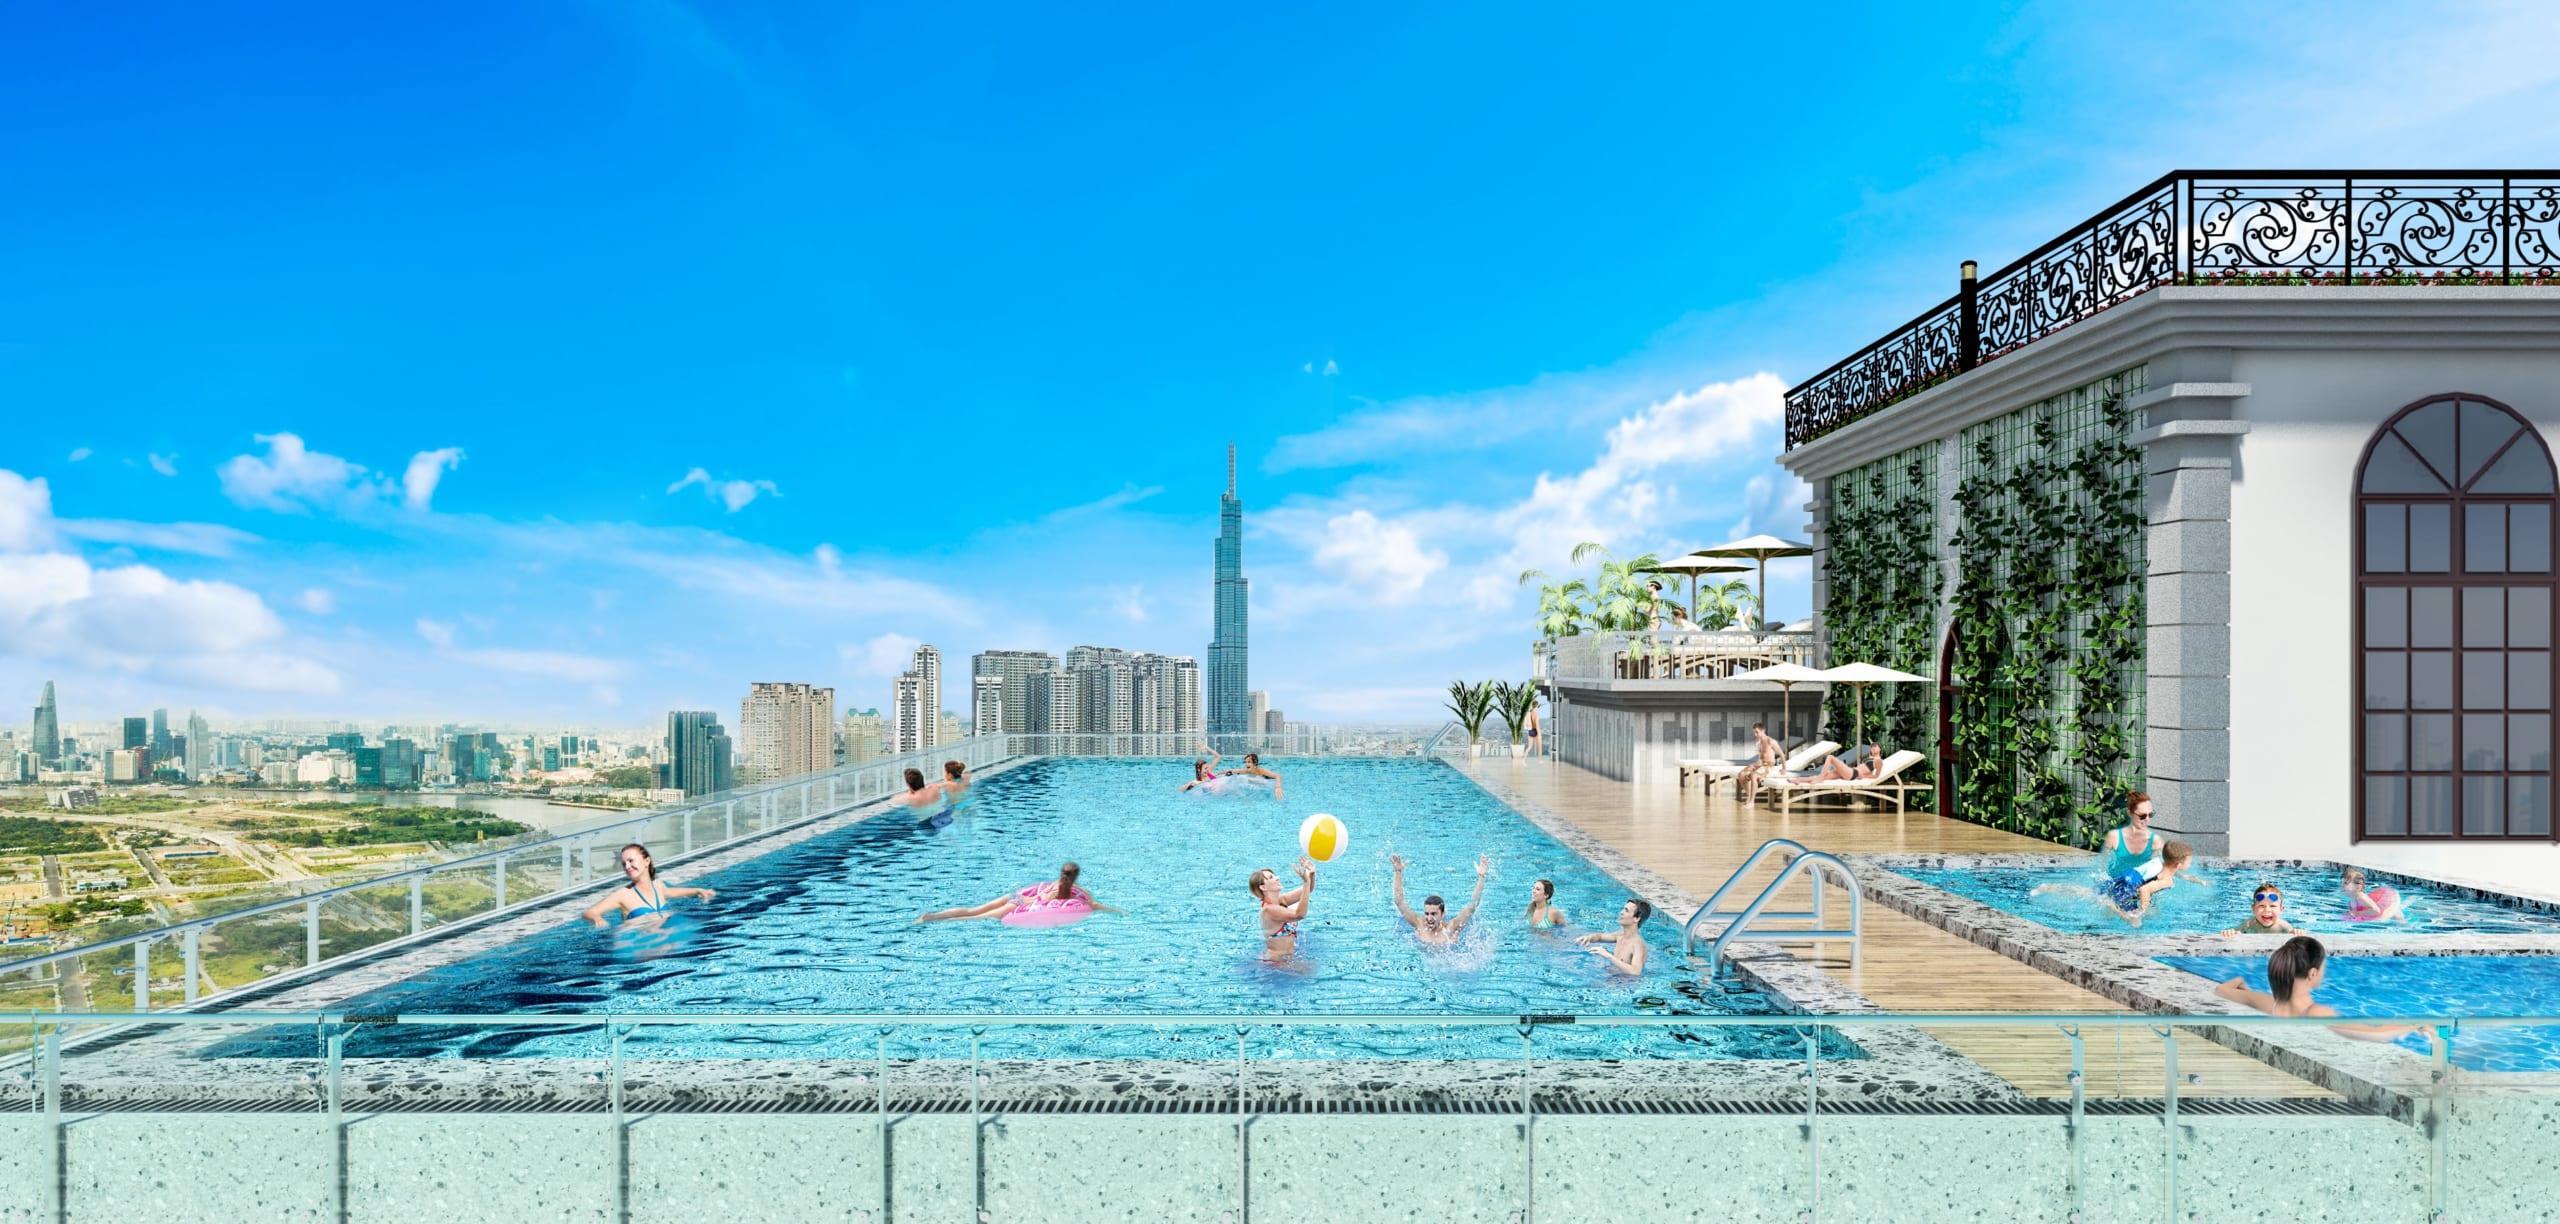 Hồ bơi tràn viền ngay tại Paris Hoàng Kim